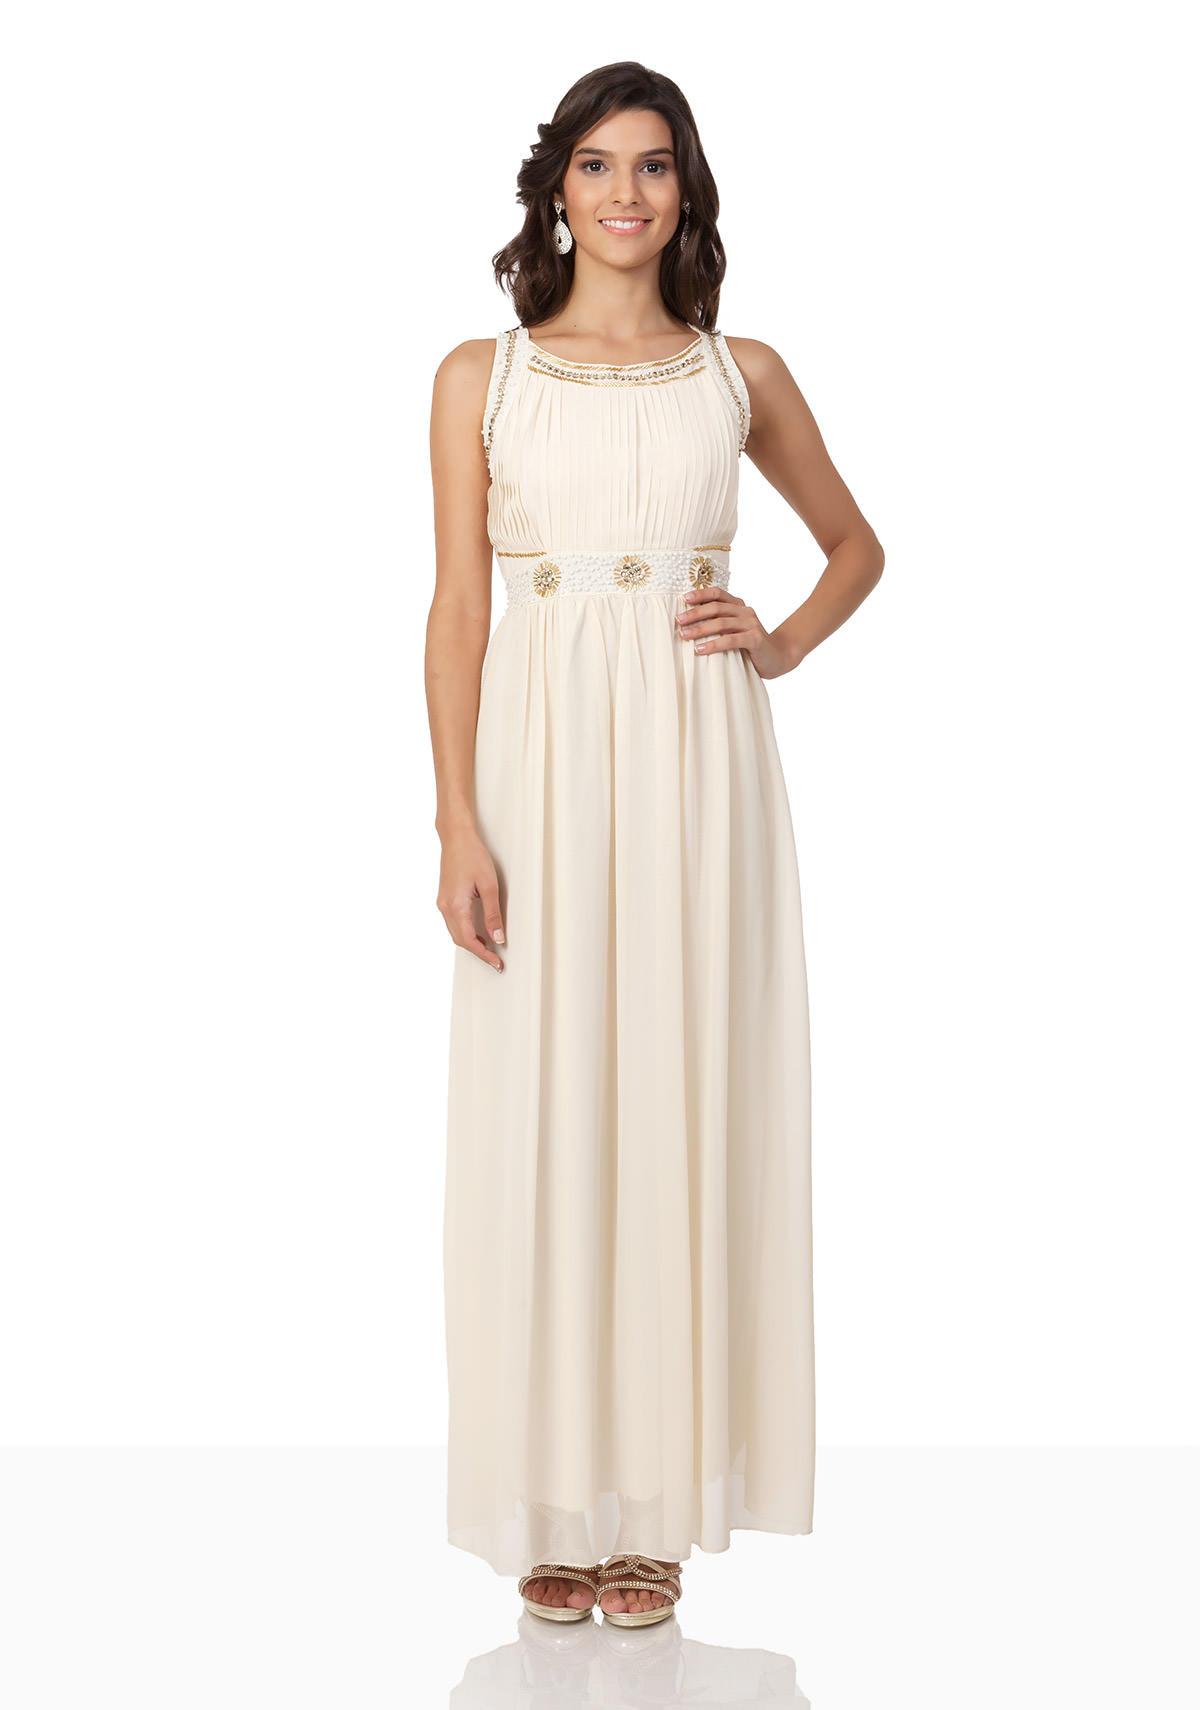 10 Cool Abendkleid Beige Vertrieb Genial Abendkleid Beige Bester Preis